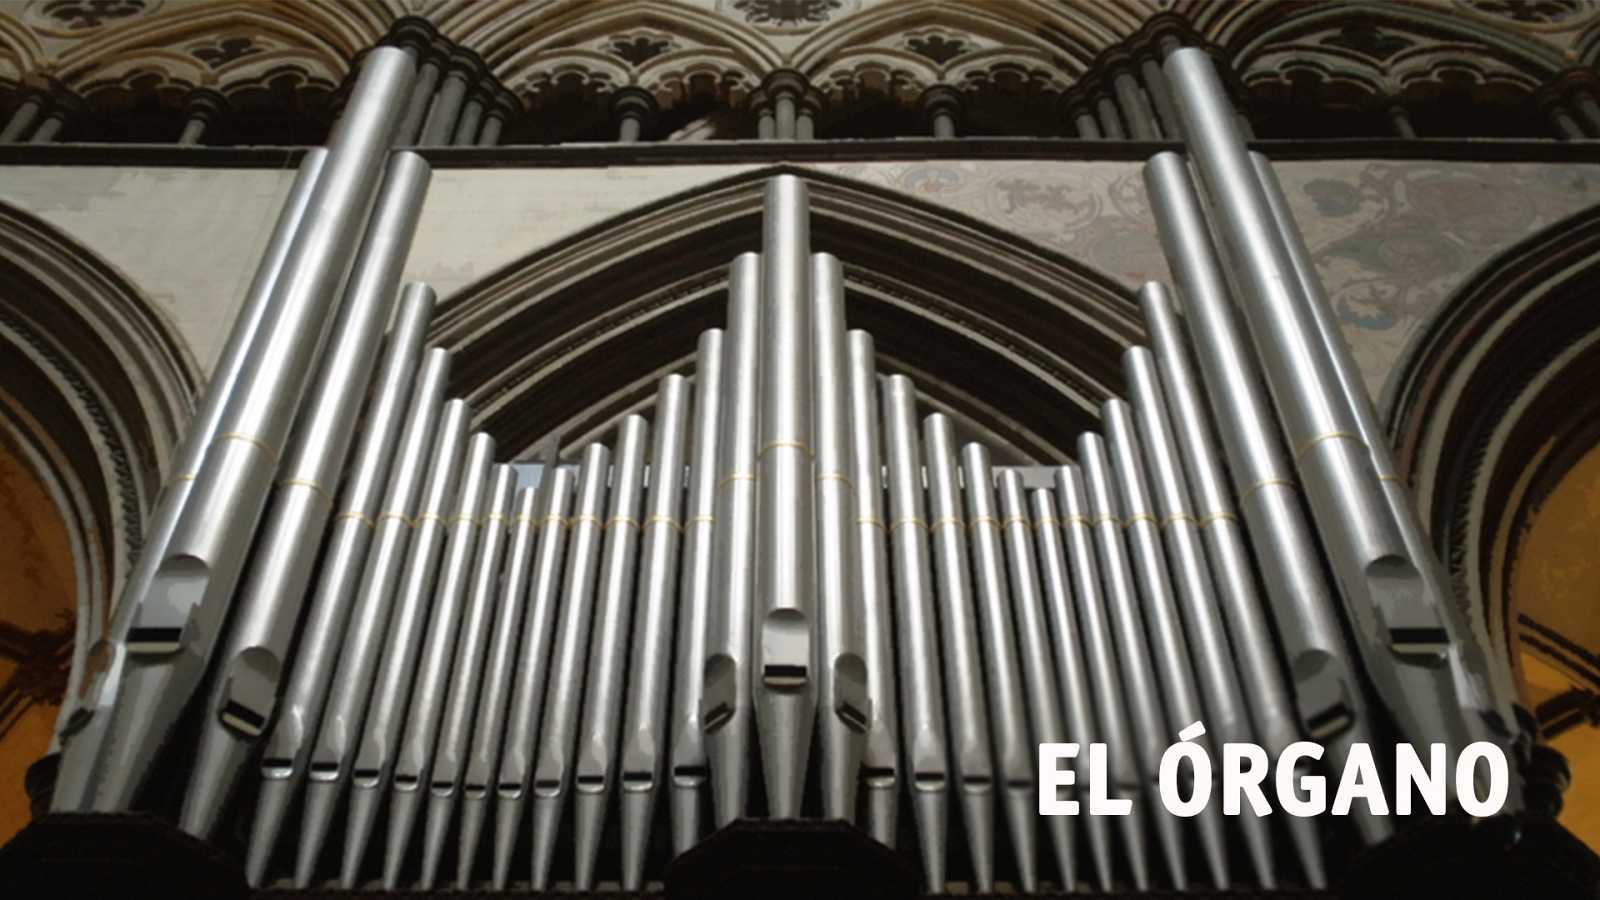 El órgano - Mixcelánea - 22/01/17 - escuchar ahora